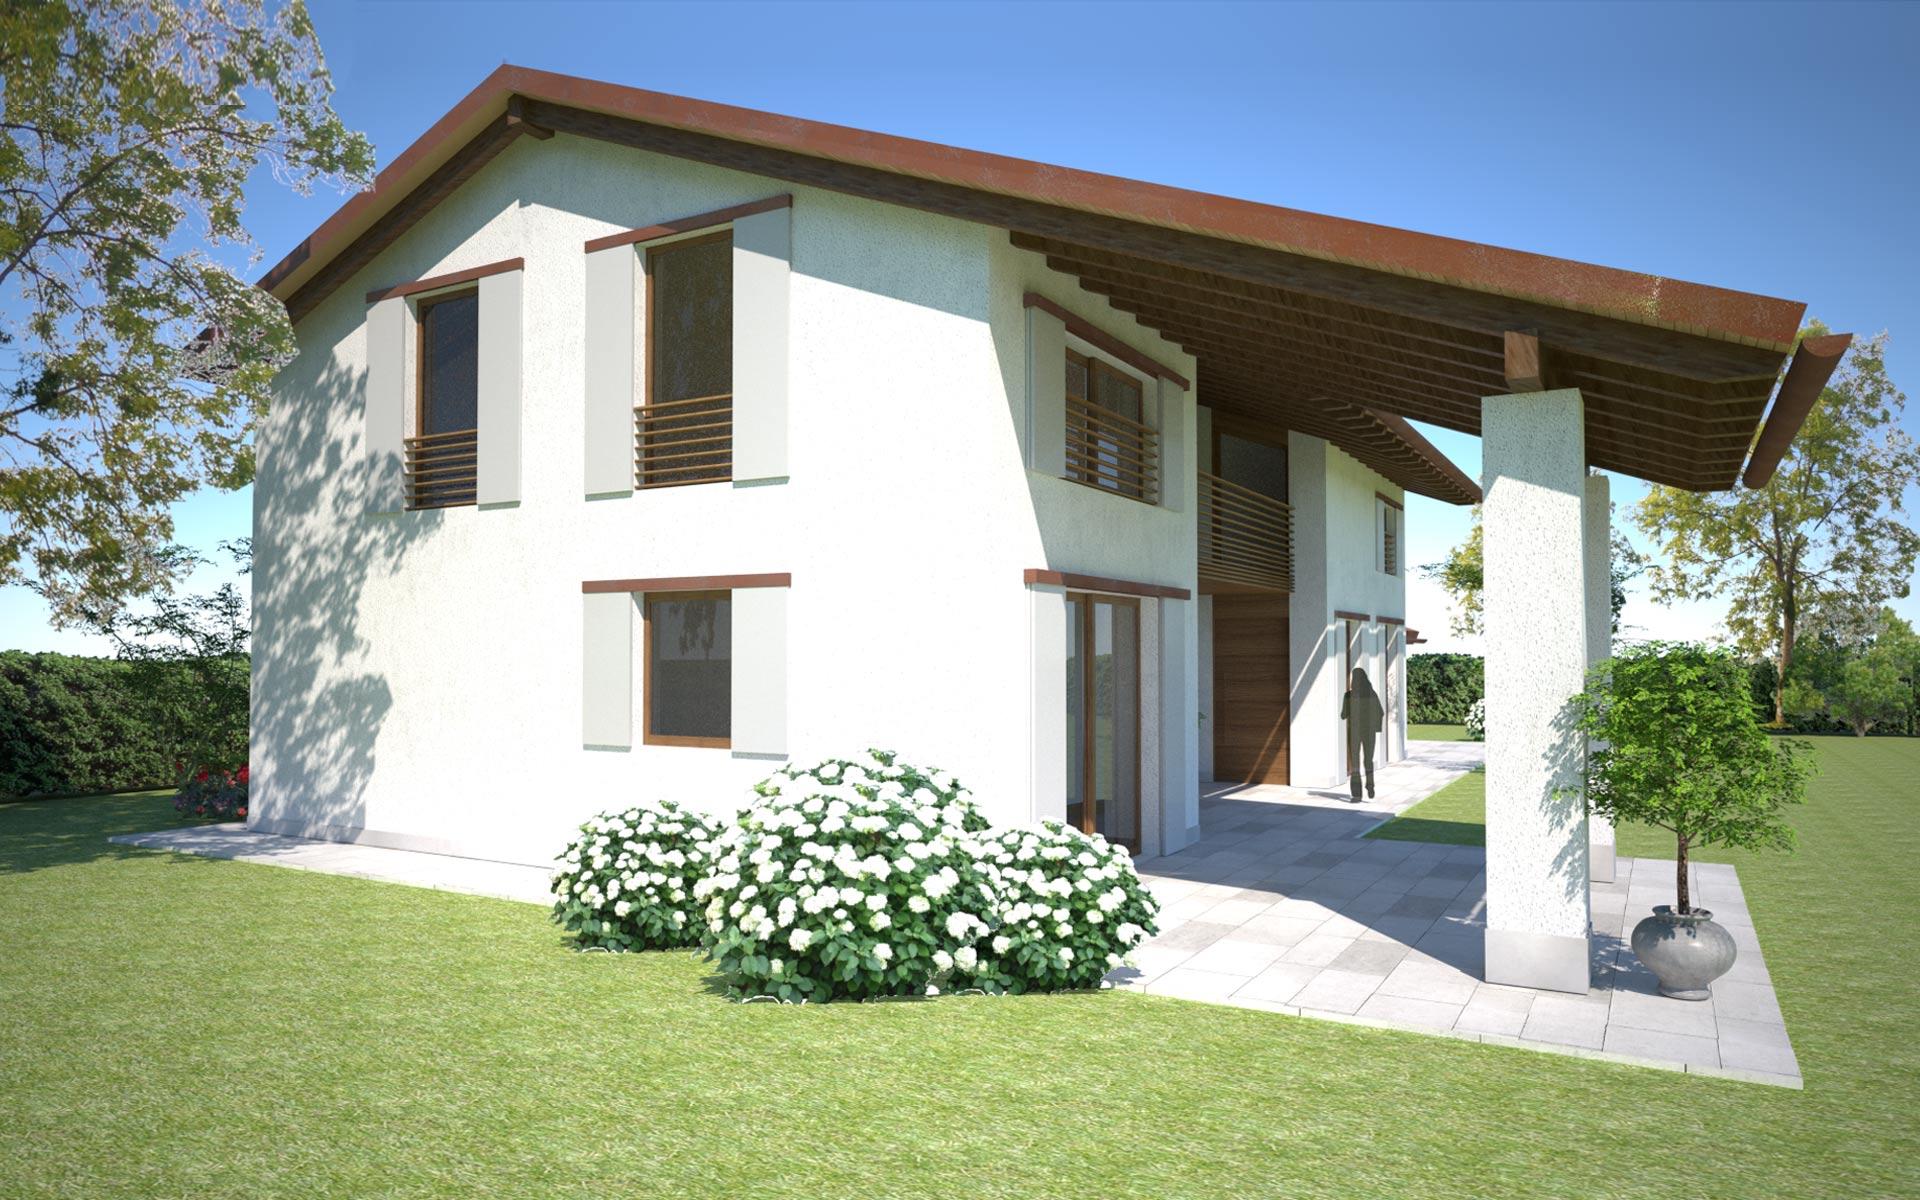 Villa con struttura in legno x lam treviso globarch for Casa in legno tradizionale